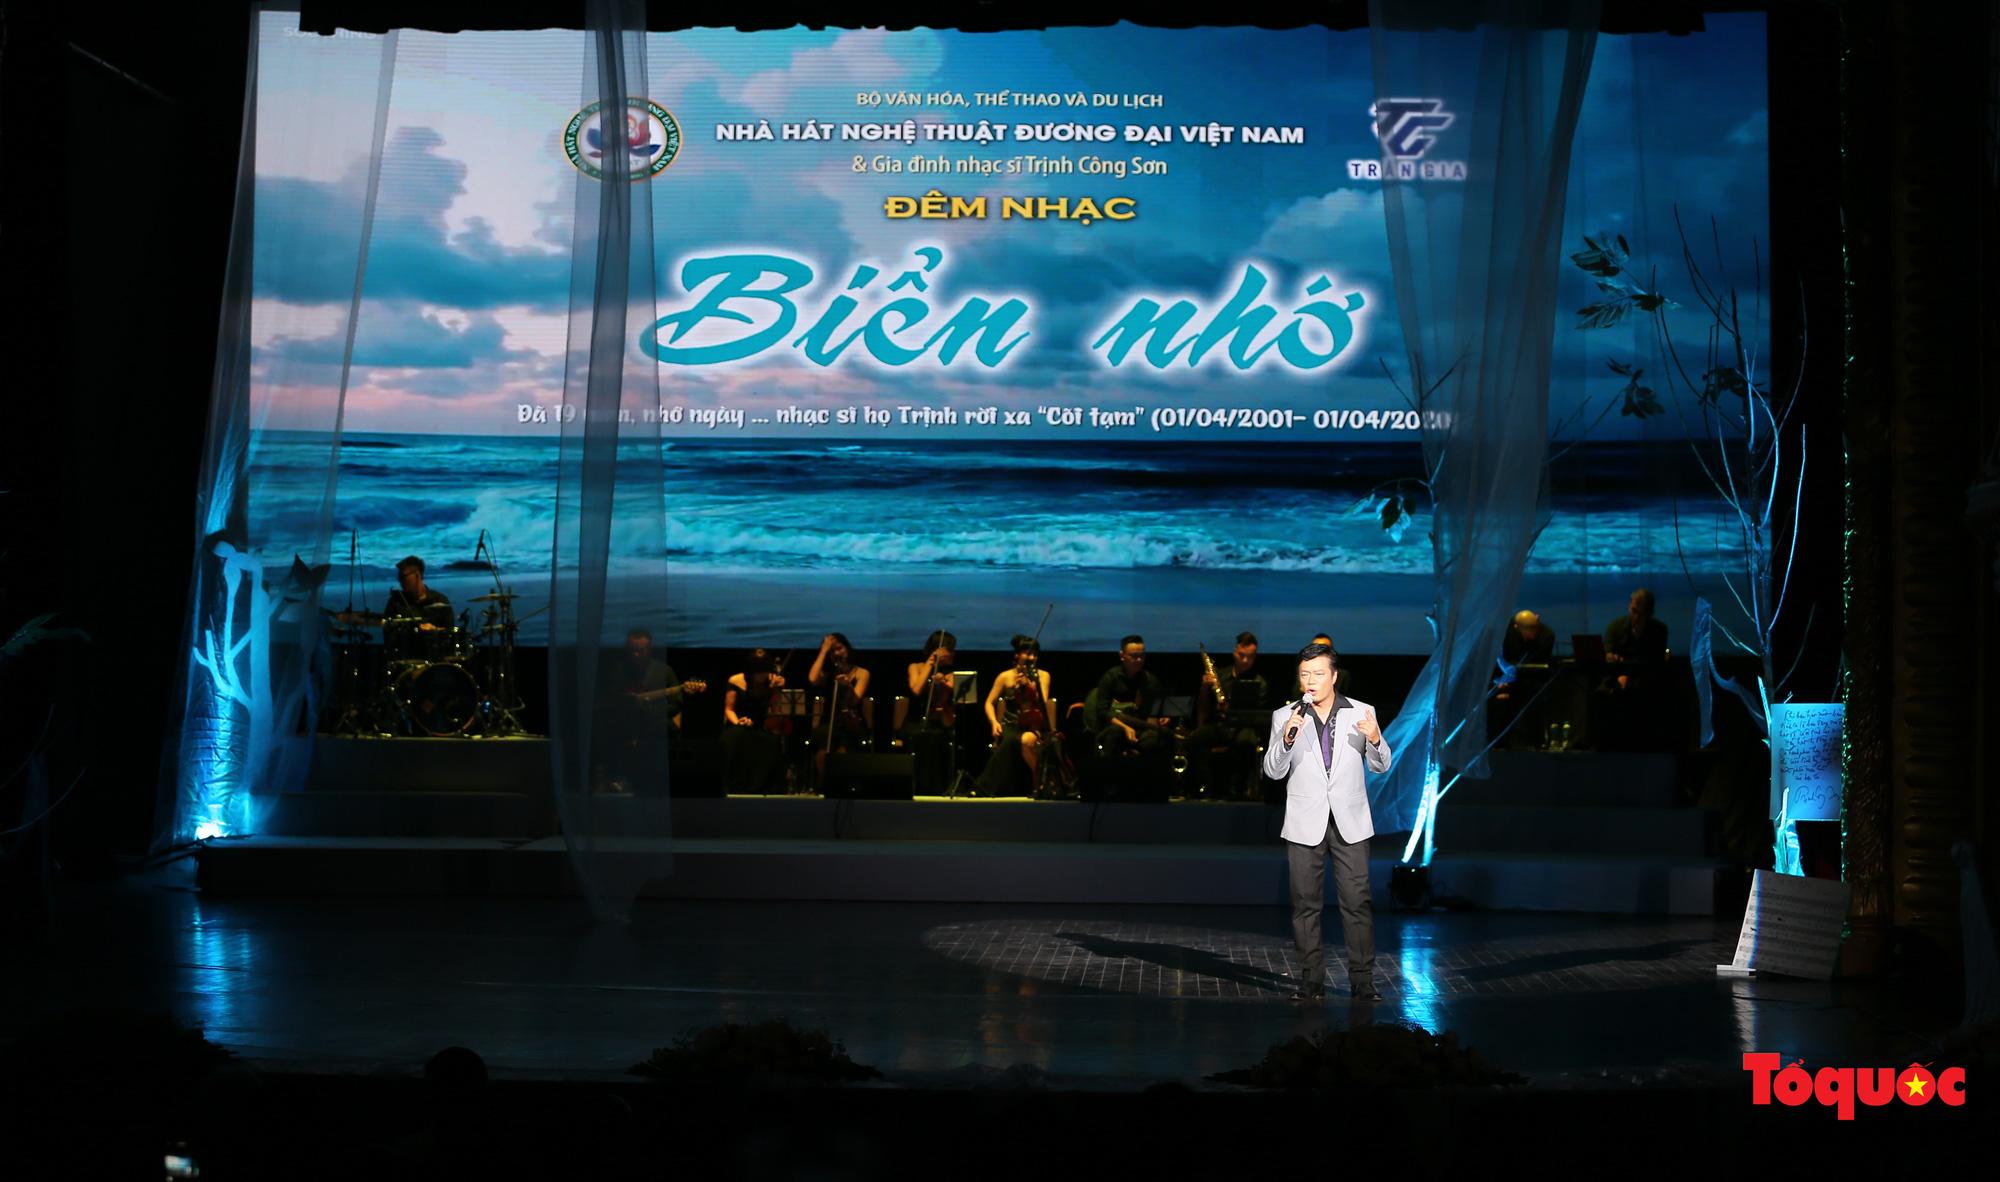 Nhiều cung bậc cảm xúc trong đêm nhạc 'Biển nhớ' tưởng nhớ cố nhạc sĩ Trịnh Công Sơn - Ảnh 1.